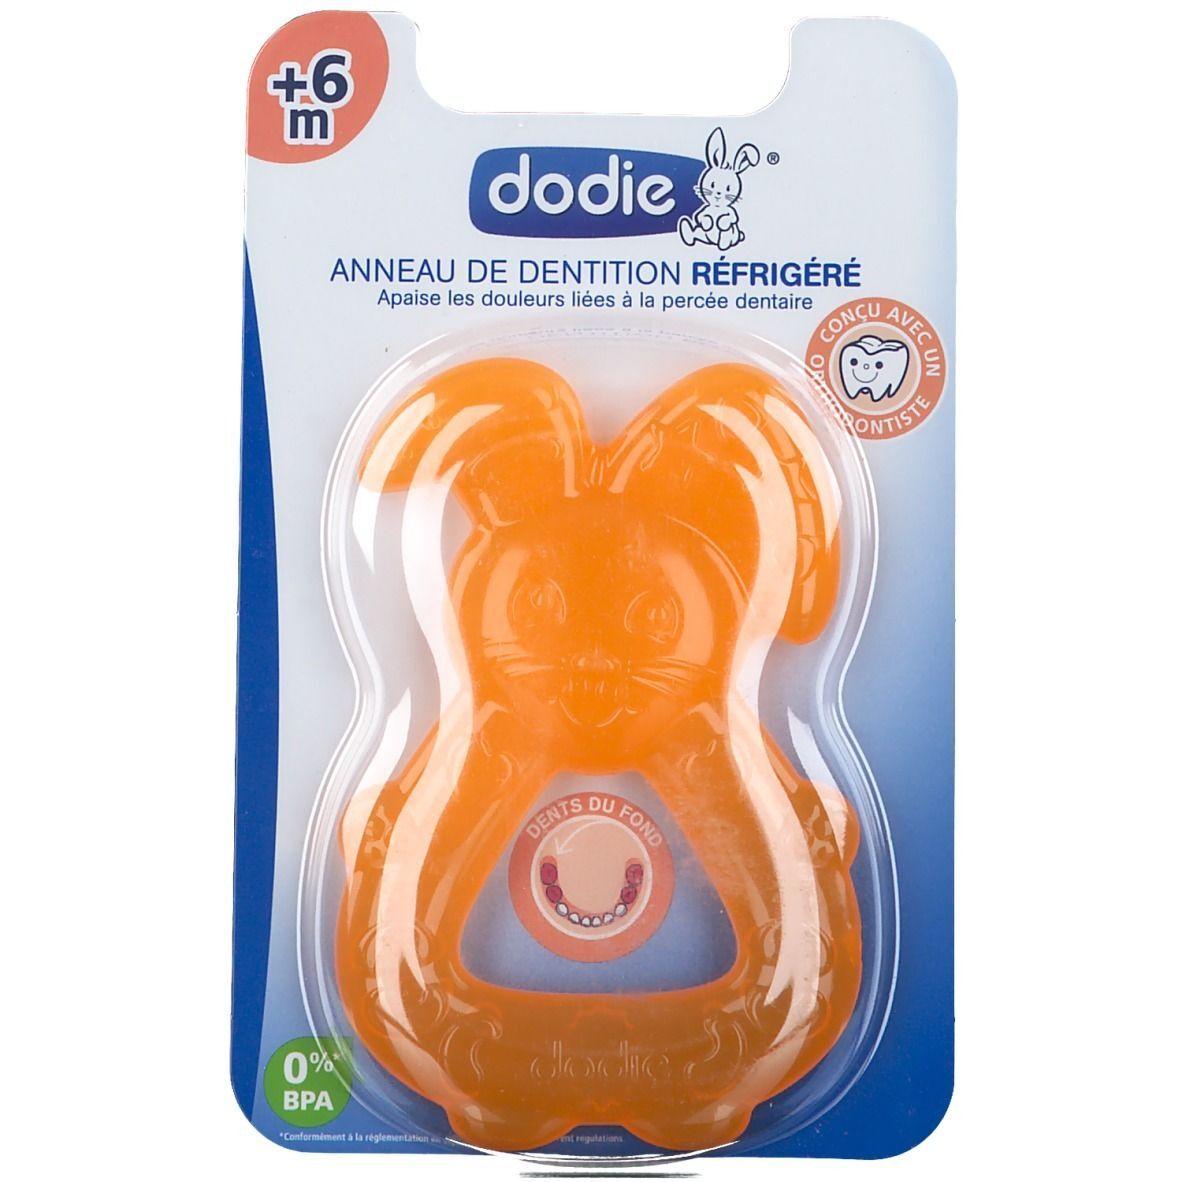 dodie® Anneau de dentition réfrigéré Orange +6 Mois pc(s) Autre